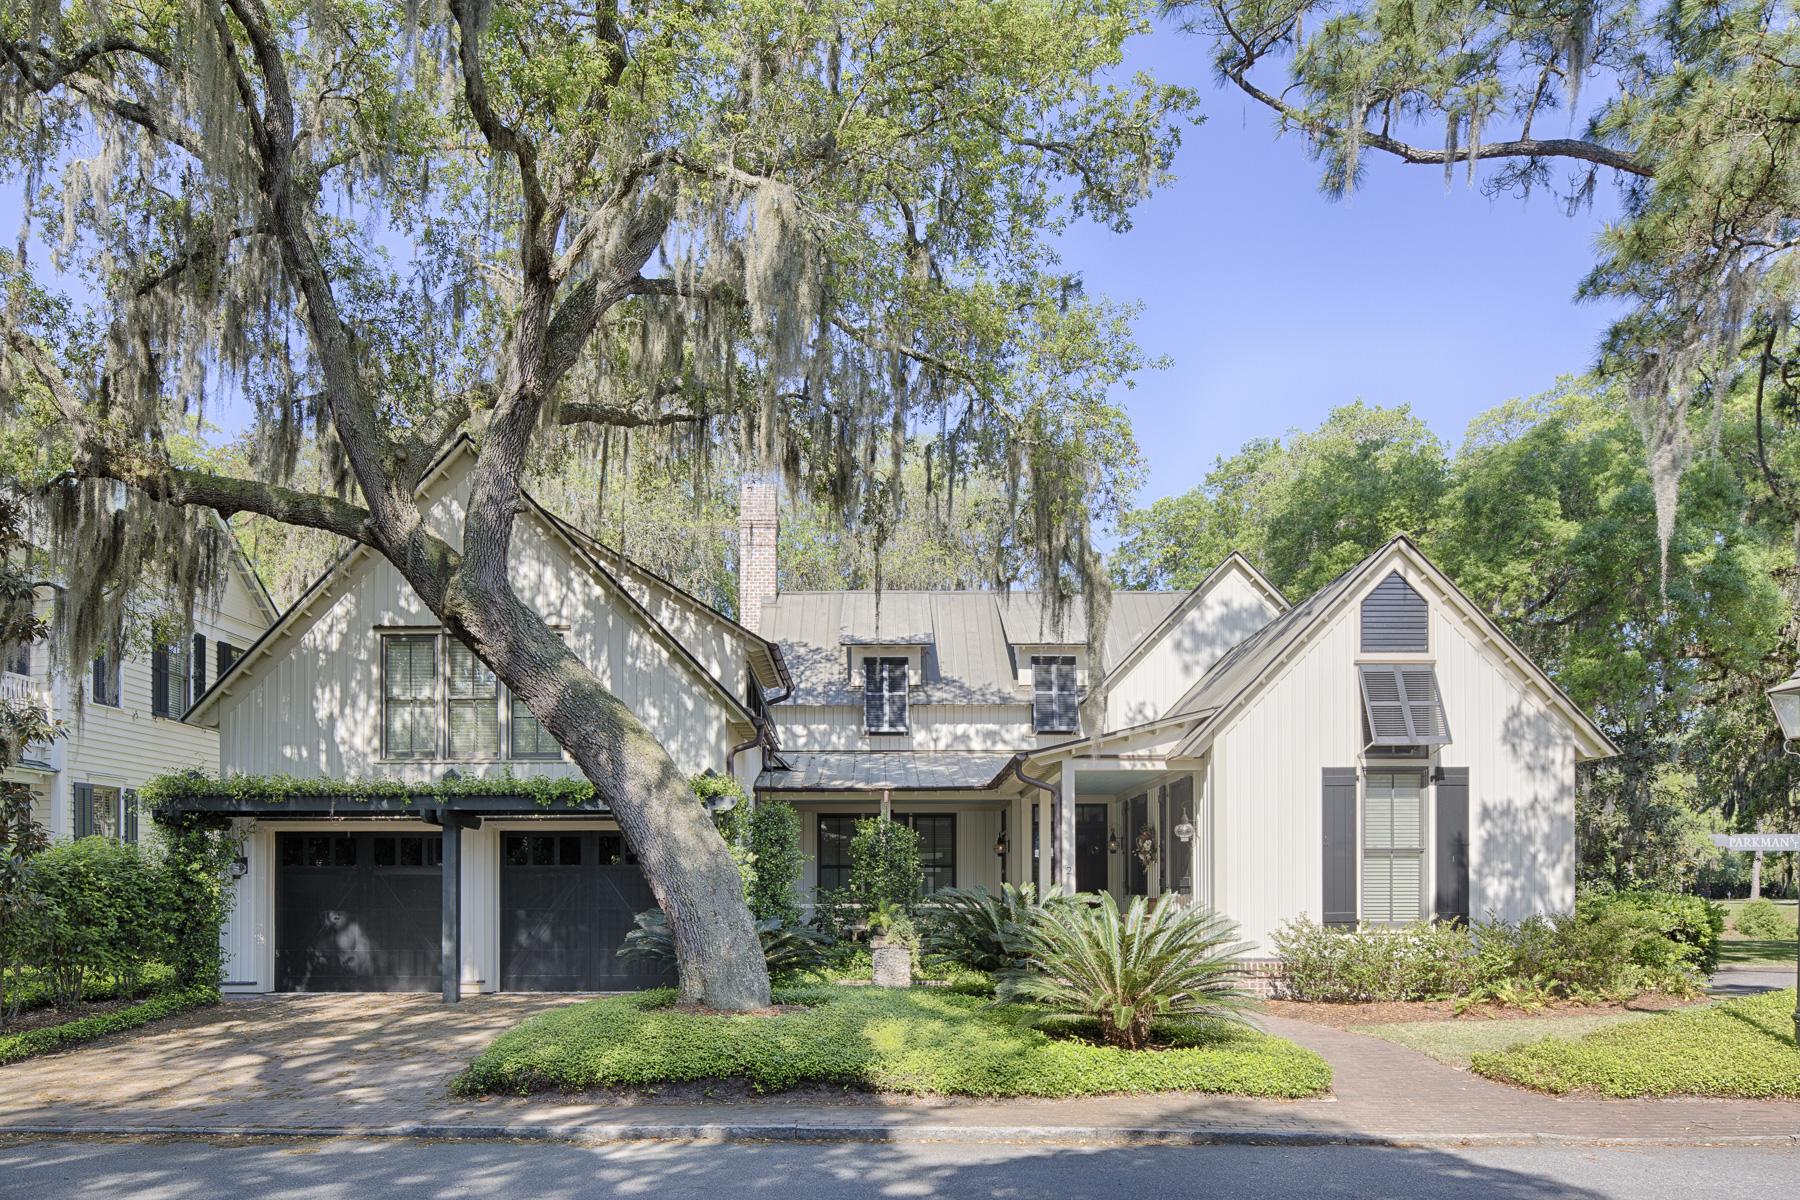 Einfamilienhaus für Verkauf beim Palmetto Bluff 2 Parkman St Bluffton, South Carolina 29910 Vereinigte Staaten